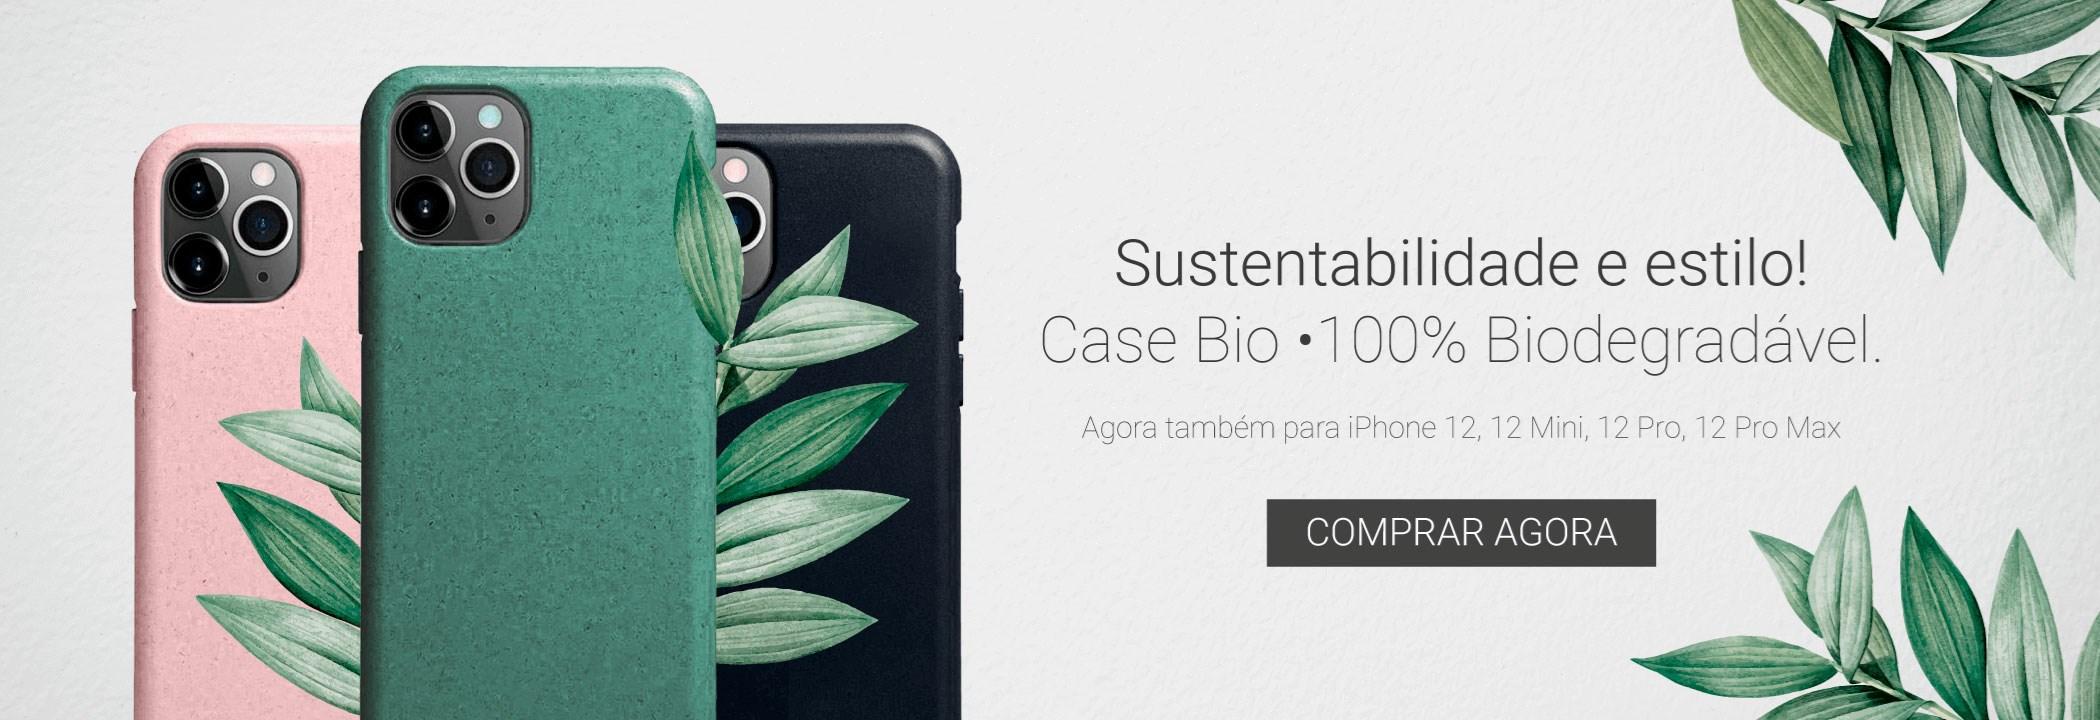 banner cases bio